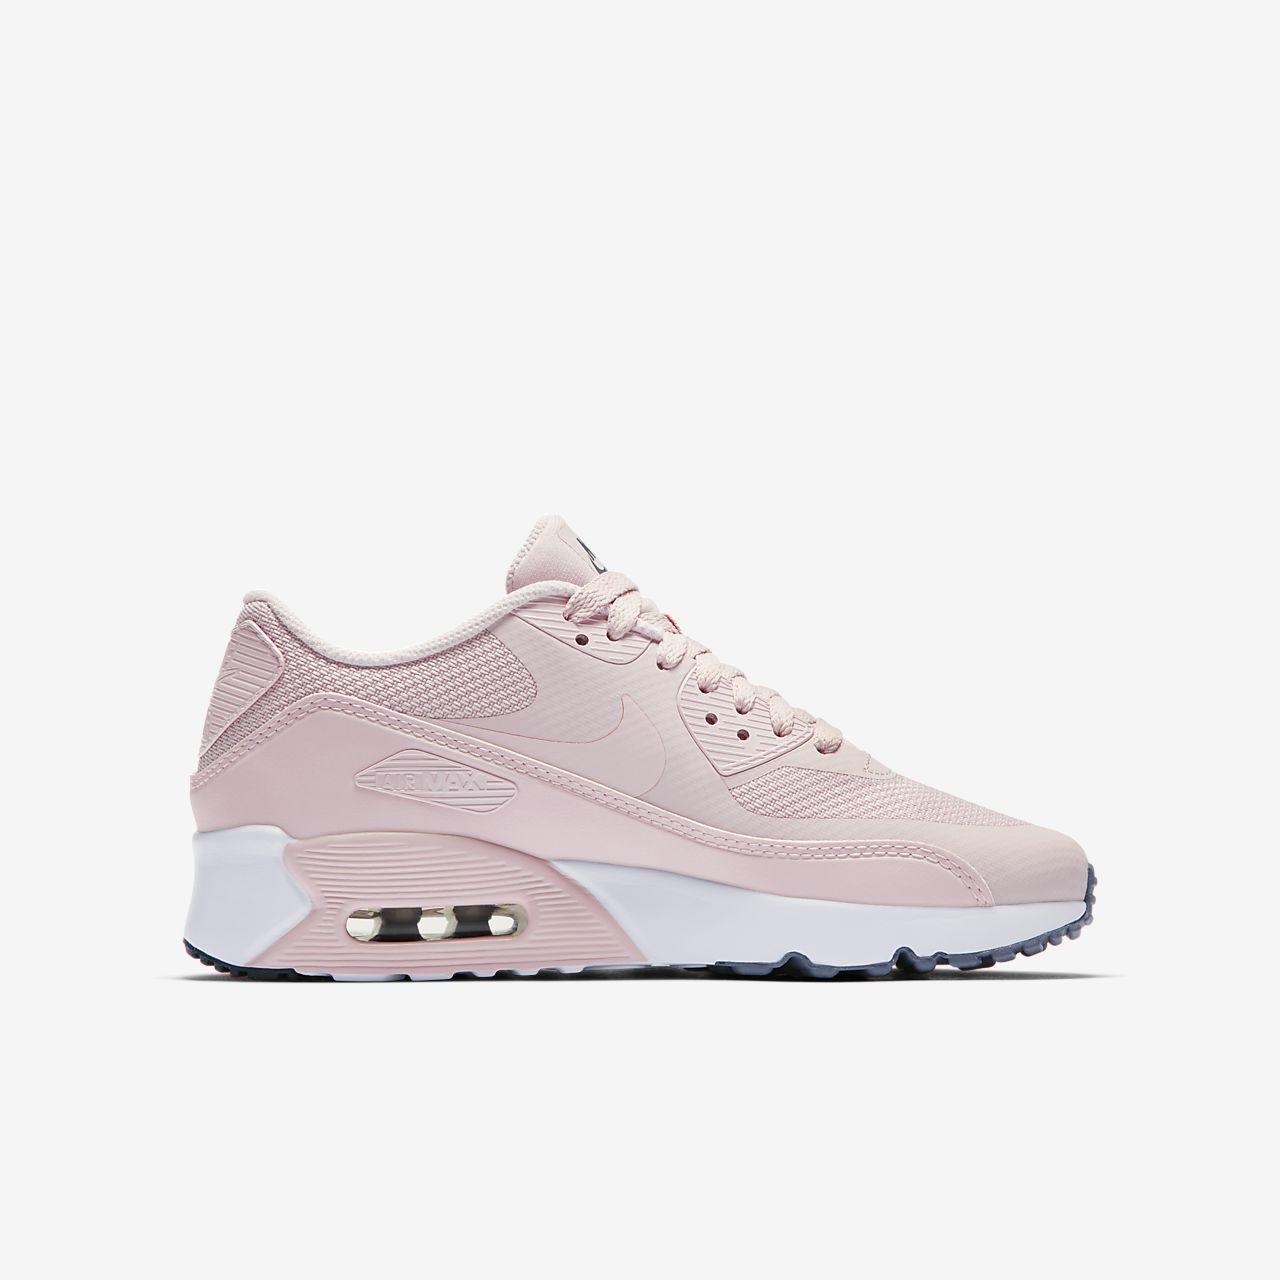 scarpe air max 90 ultra 2.0